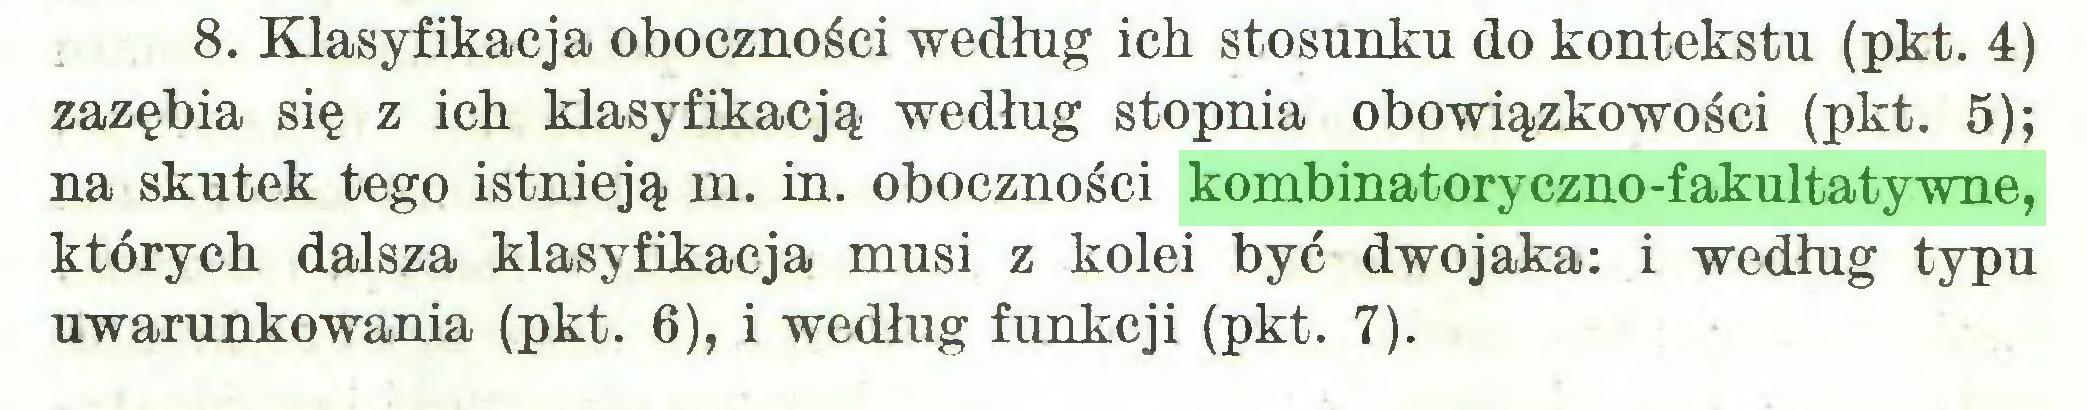 (...) 8. Klasyfikacja oboczności według ich stosunku do kontekstu (pkt. 4) zazębia się z ich klasyfikacją według stopnia obowiązkowości (pkt. 5); na skutek tego istnieją m. in. oboczności kombinatoryczno-fakultatywne, których dalsza klasyfikacja musi z kolei być dwojaka: i według typu uwarunkowania (pkt. 6), i według funkcji (pkt. 7)...